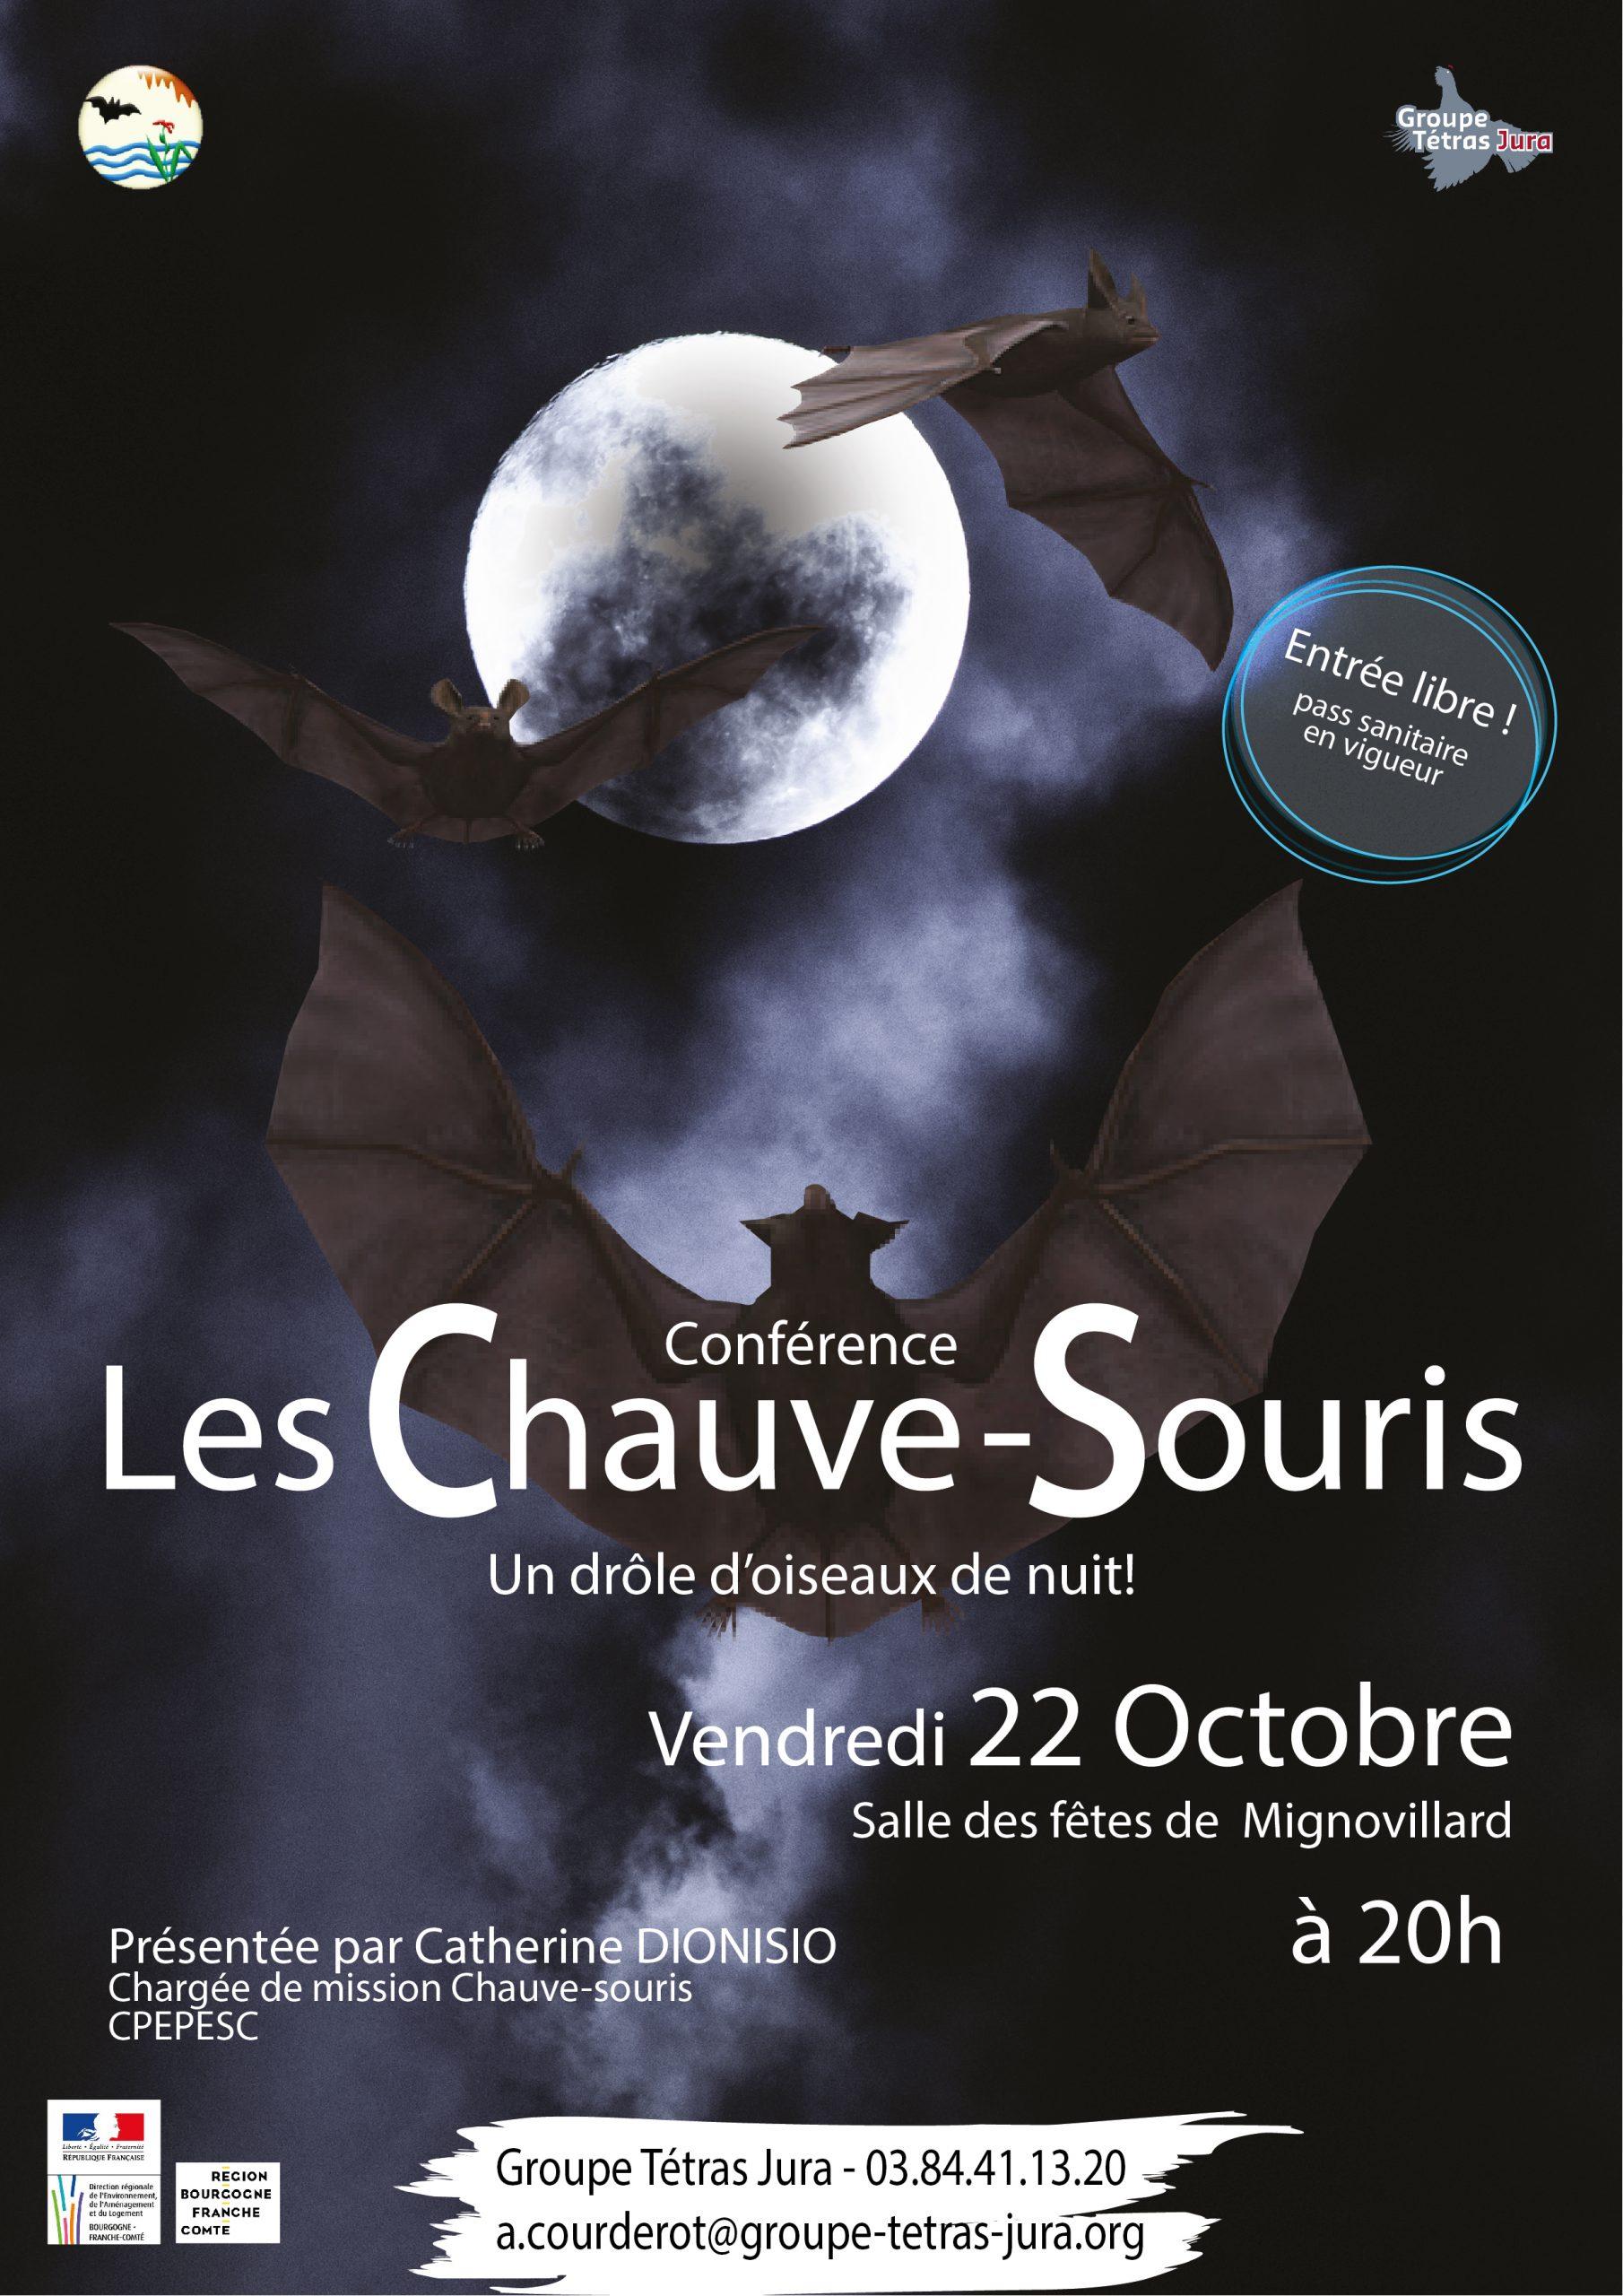 Les Chauve-souris, Un Drôle D'oiseau De Nuit : Conférence Le 22 Octobre 2021